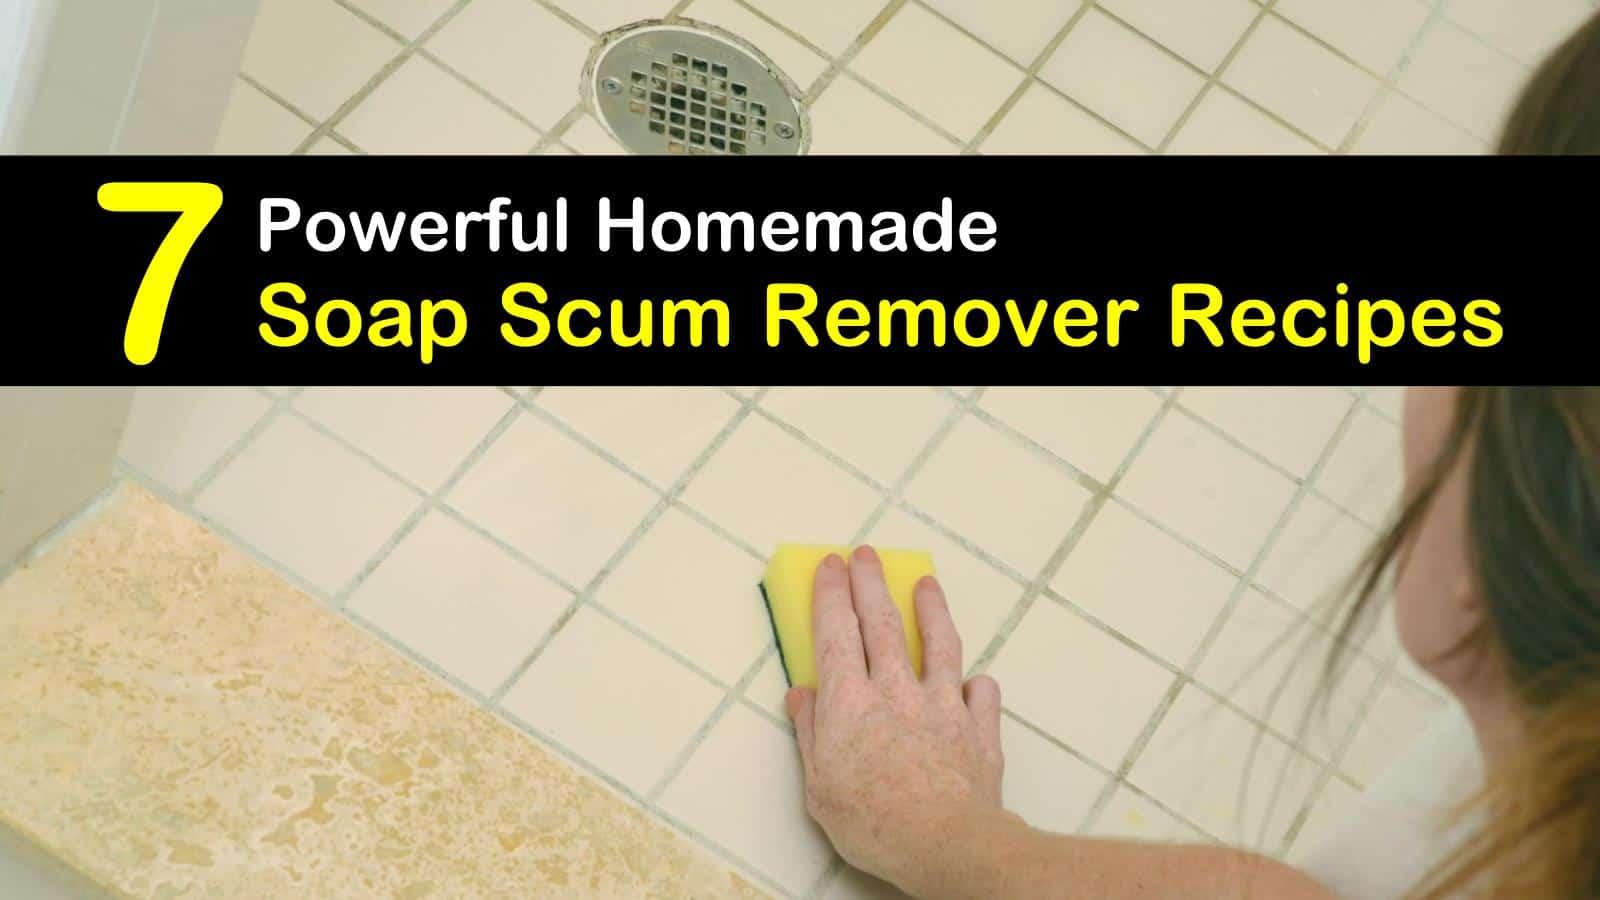 homemade soap scum remover titleimg1